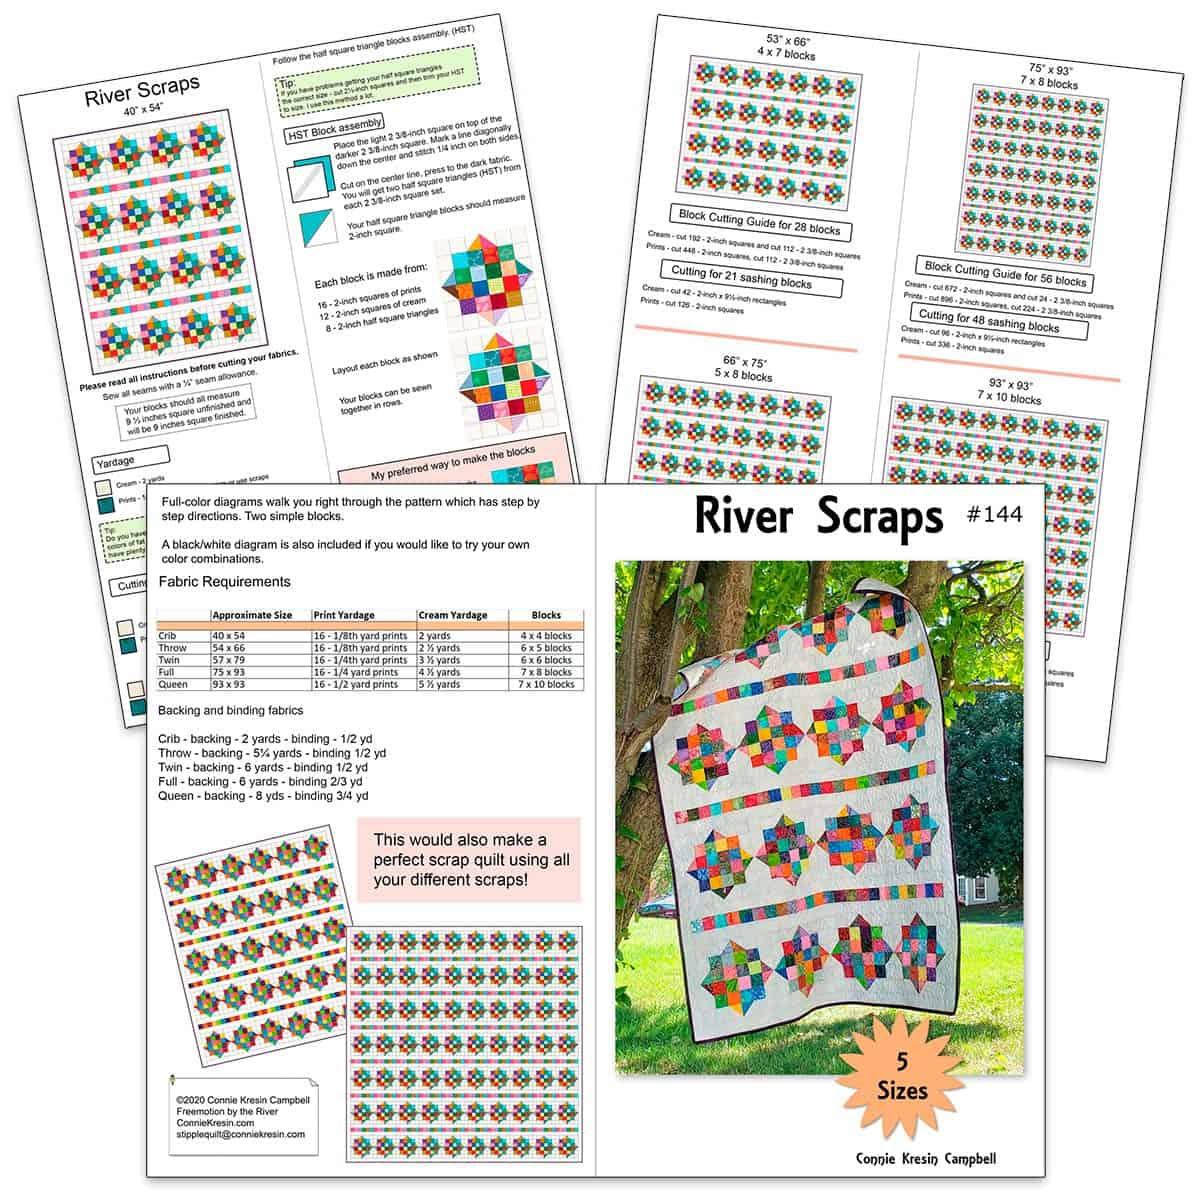 River Scraps quilt pattern diagrams